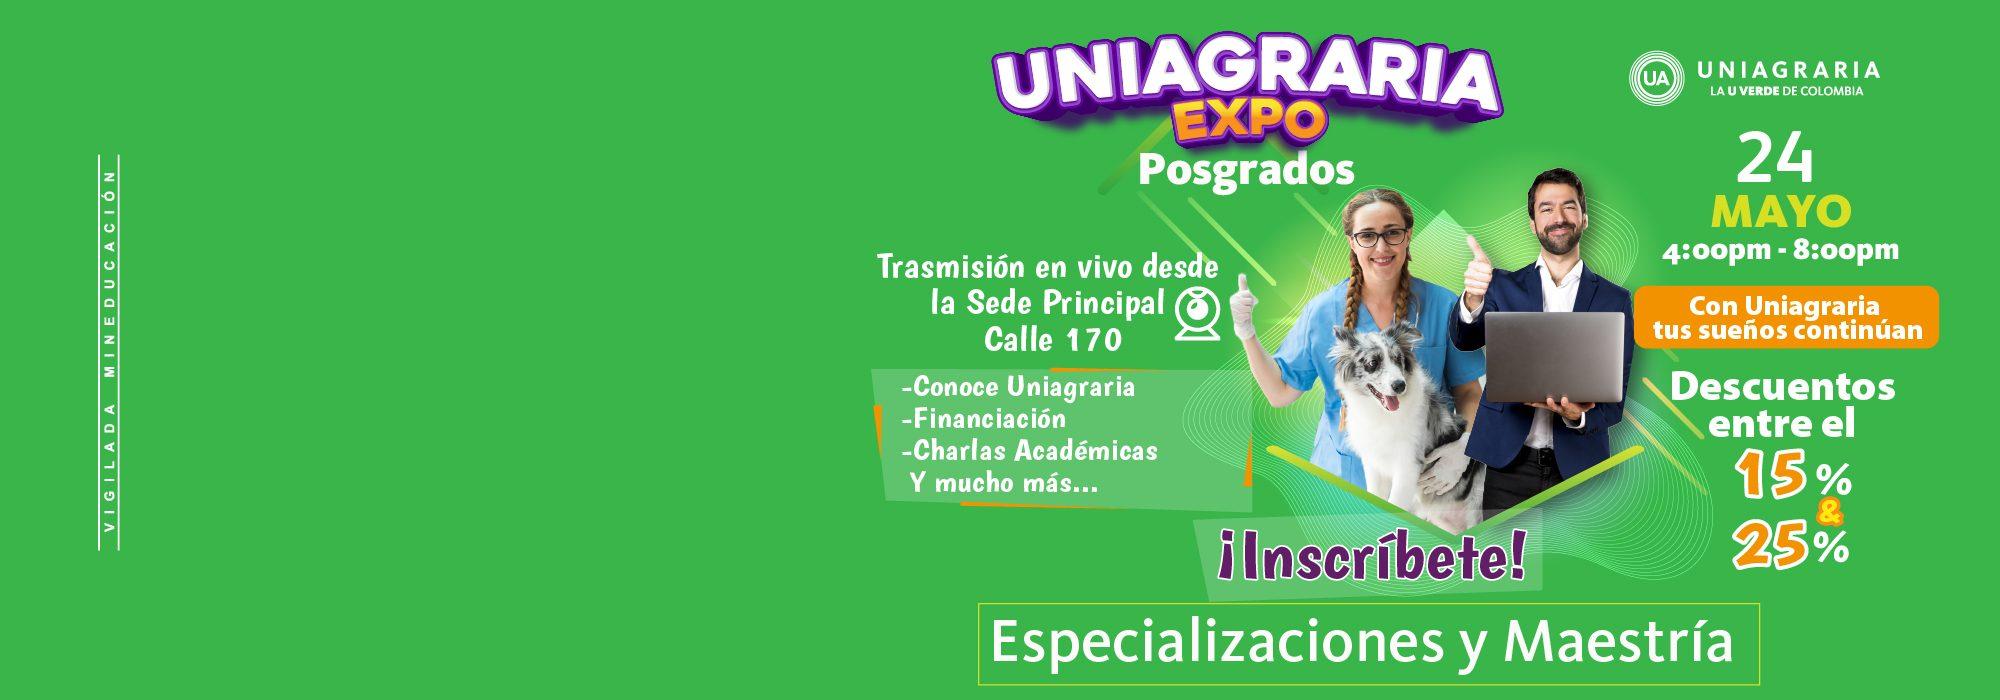 Expo Uniagraria posgrados